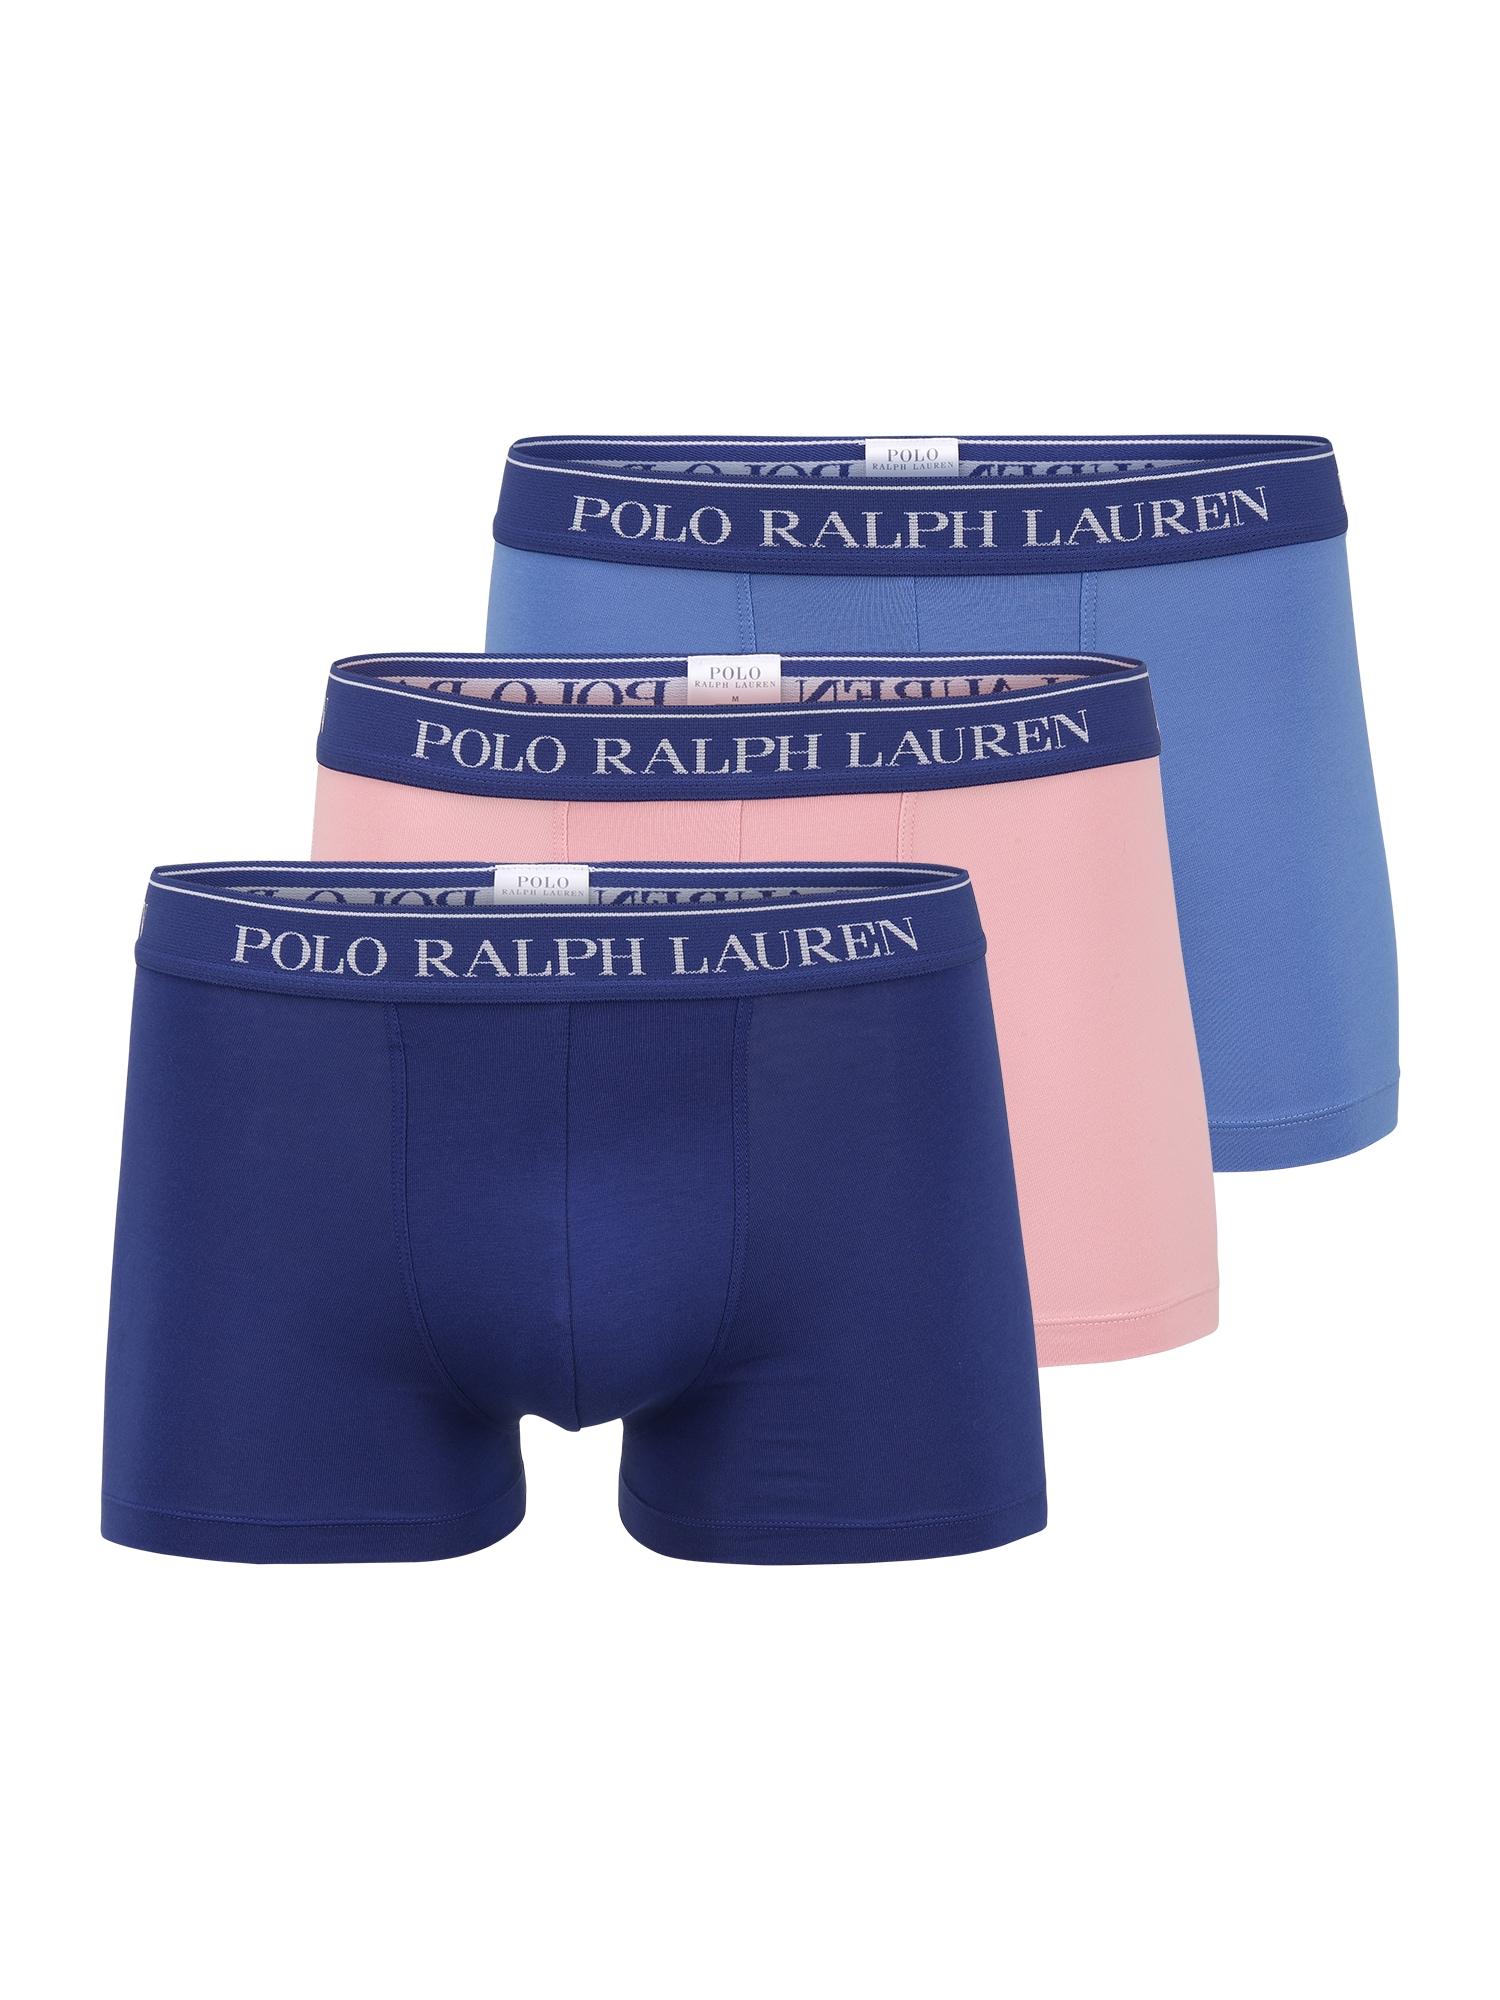 POLO RALPH LAUREN Boxer trumpikės tamsiai mėlyna / mėlyna / ryškiai rožinė spalva